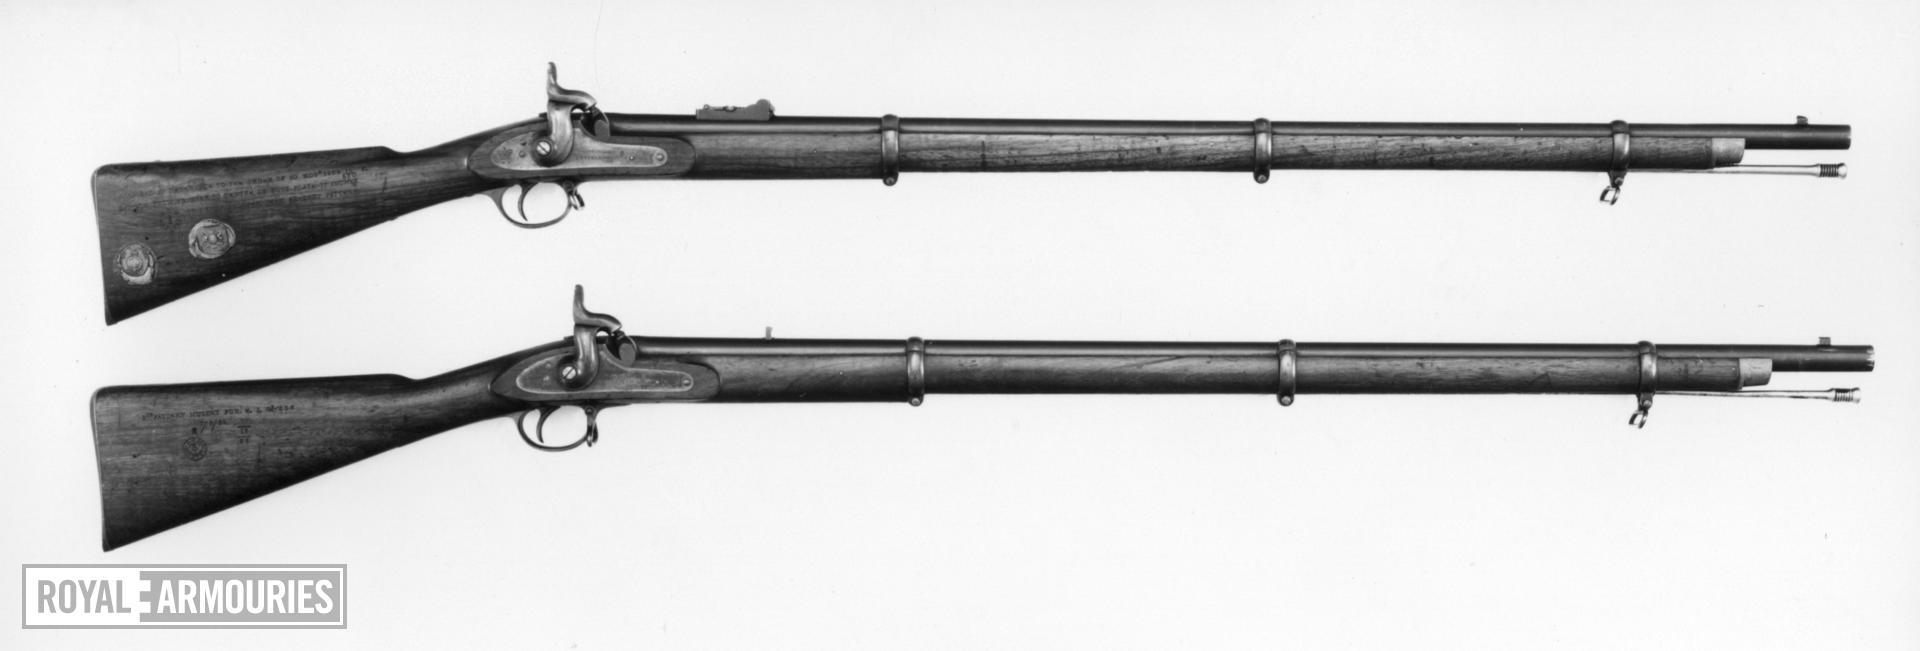 Percussion muzzle-loading military rifle-musket - Pattern 1853, sealed pattern